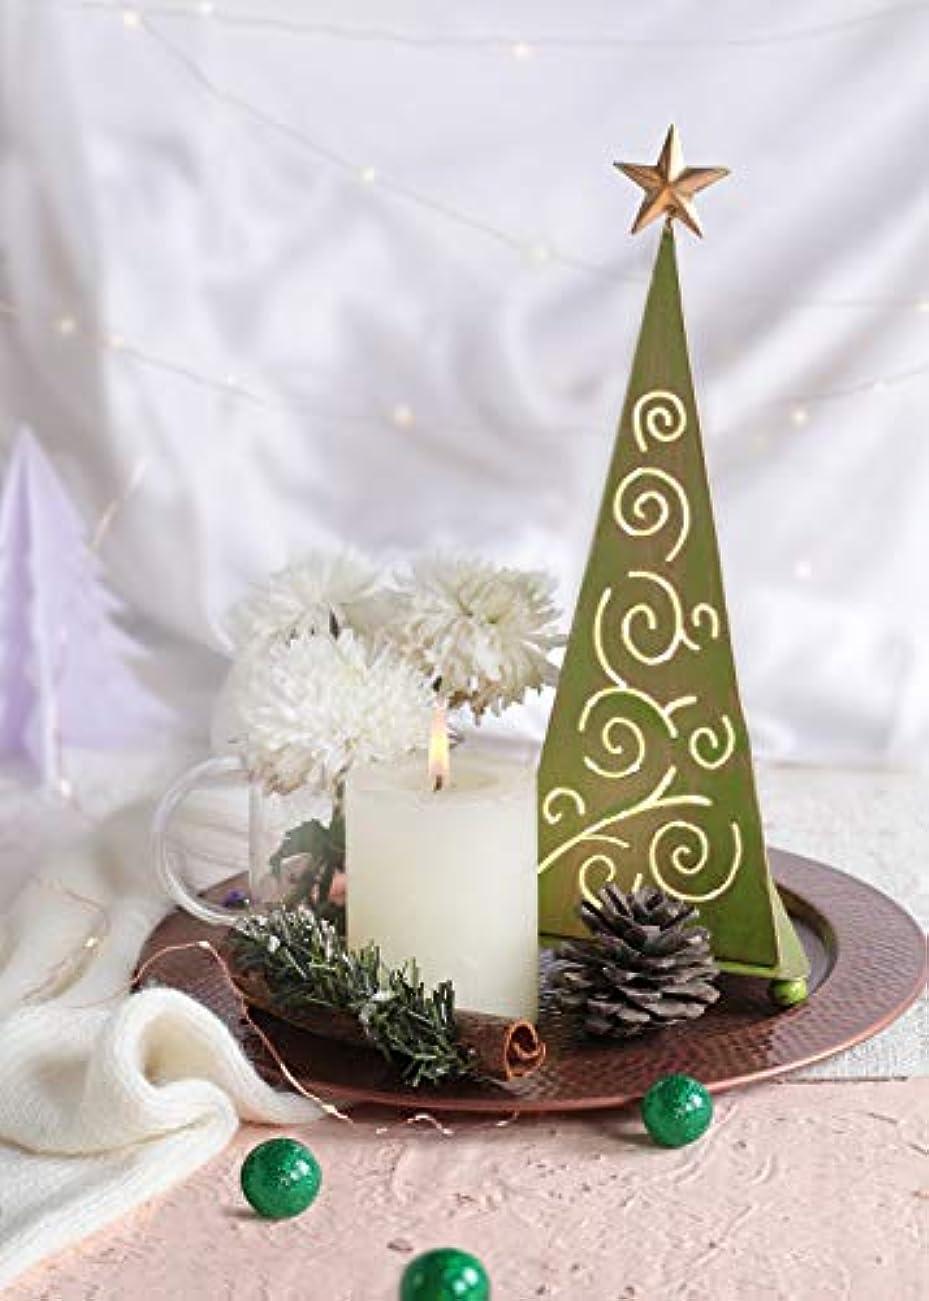 有料土砂降り策定するstoreindya 感謝祭ギフト クリスマスツリー型メタルお香タワー グリーンとゴールドのクリスマスホームデコレーション 装飾アクセサリーと新築祝いのギフトに最適